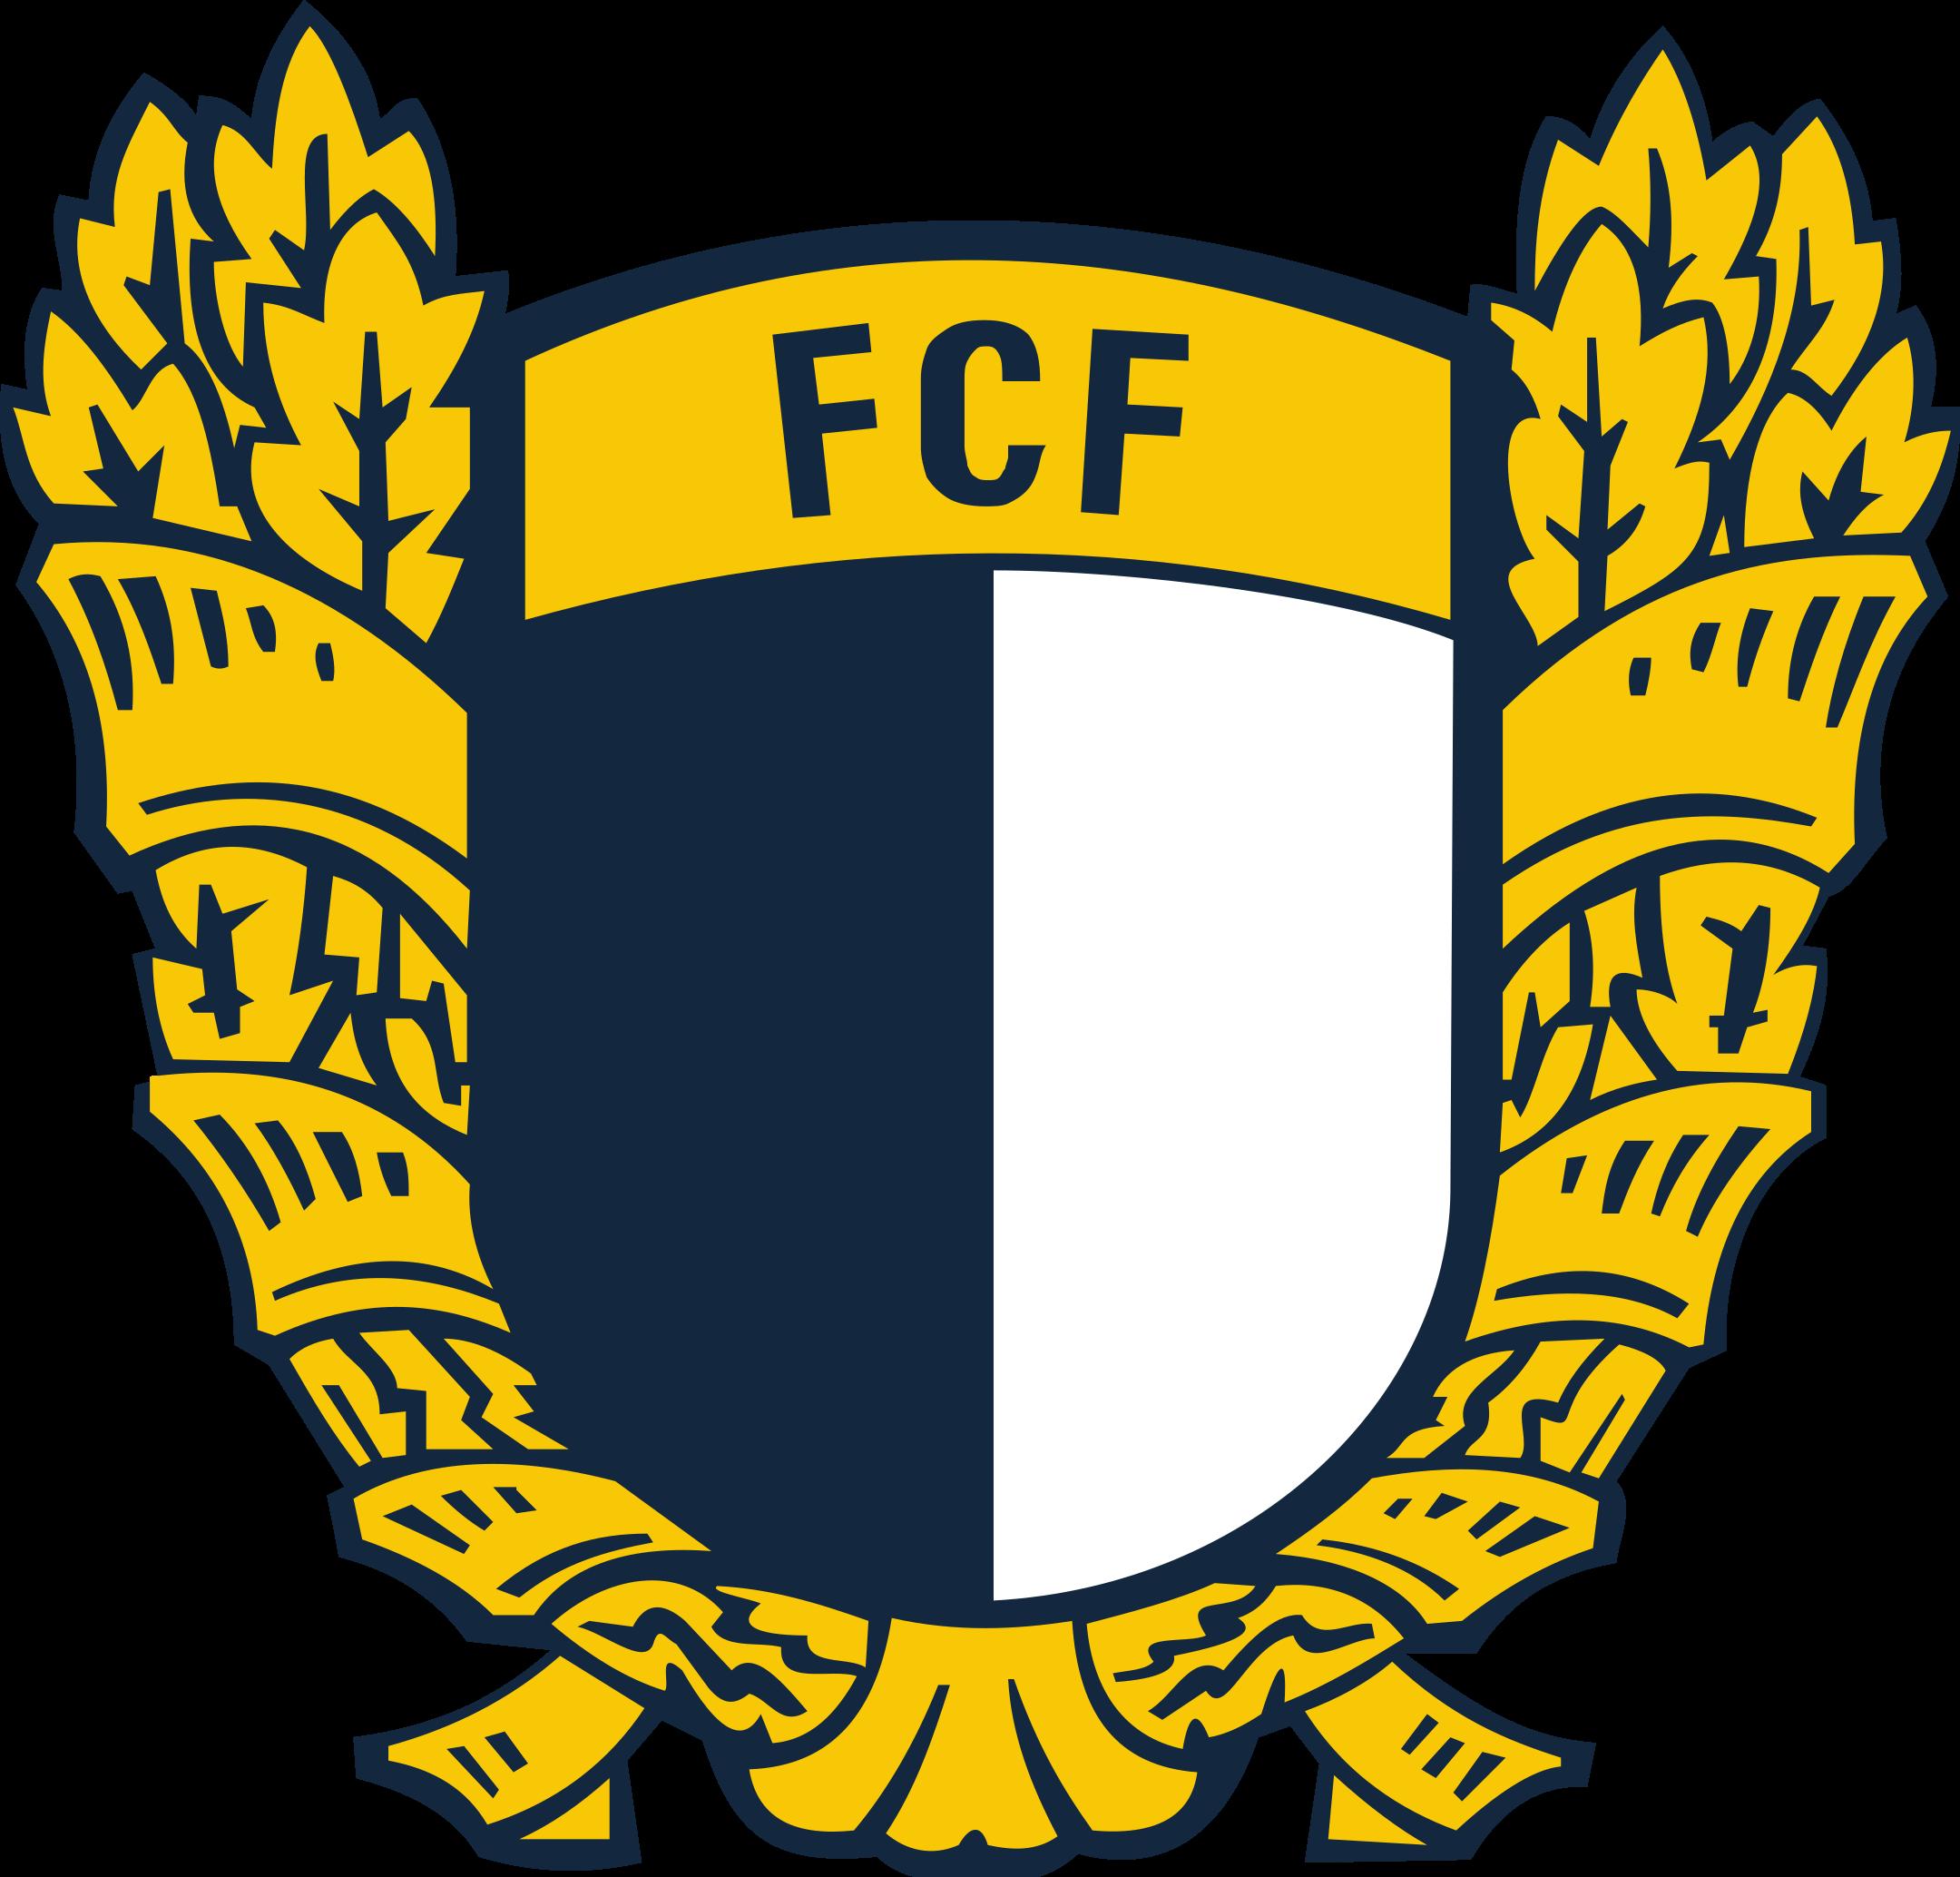 fc famalicao logo 1 - FC Famalicão Logo